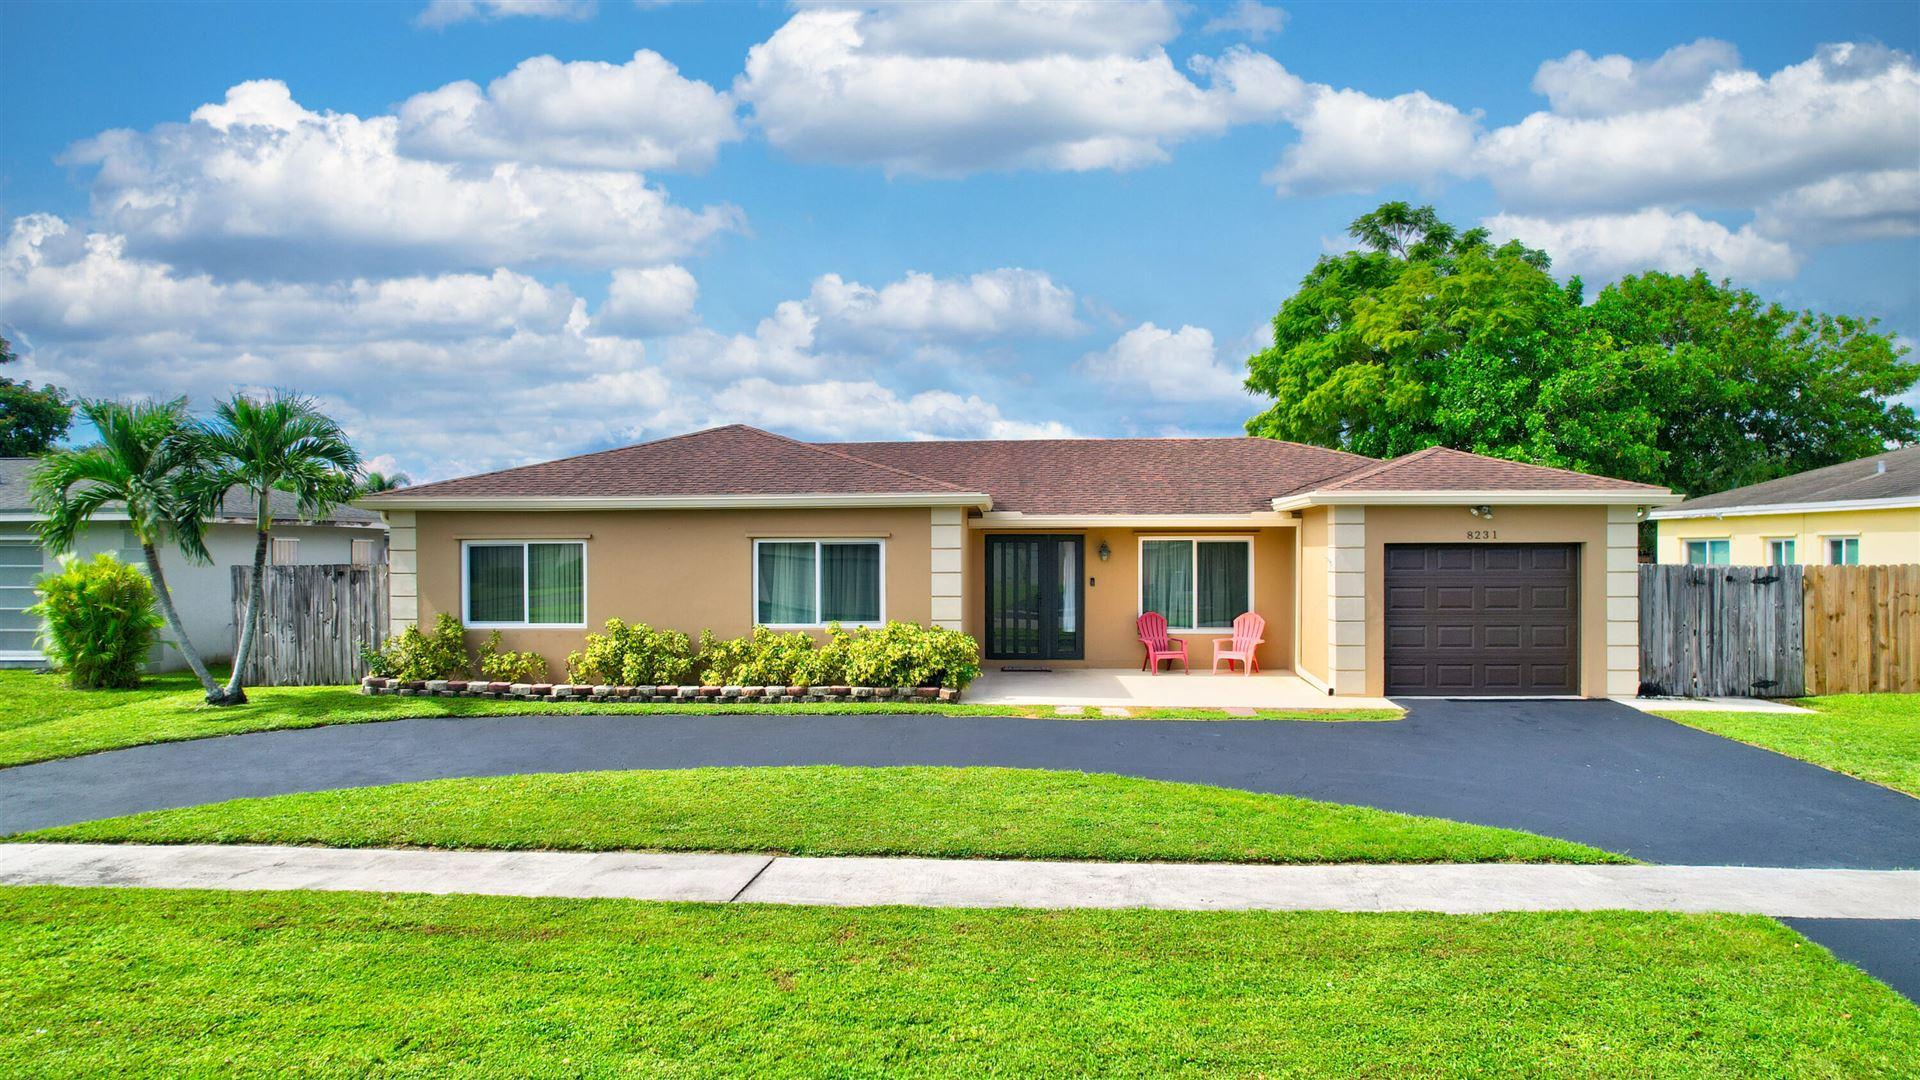 Photo of 8231 NW 66th Terrace, Tamarac, FL 33321 (MLS # RX-10753264)